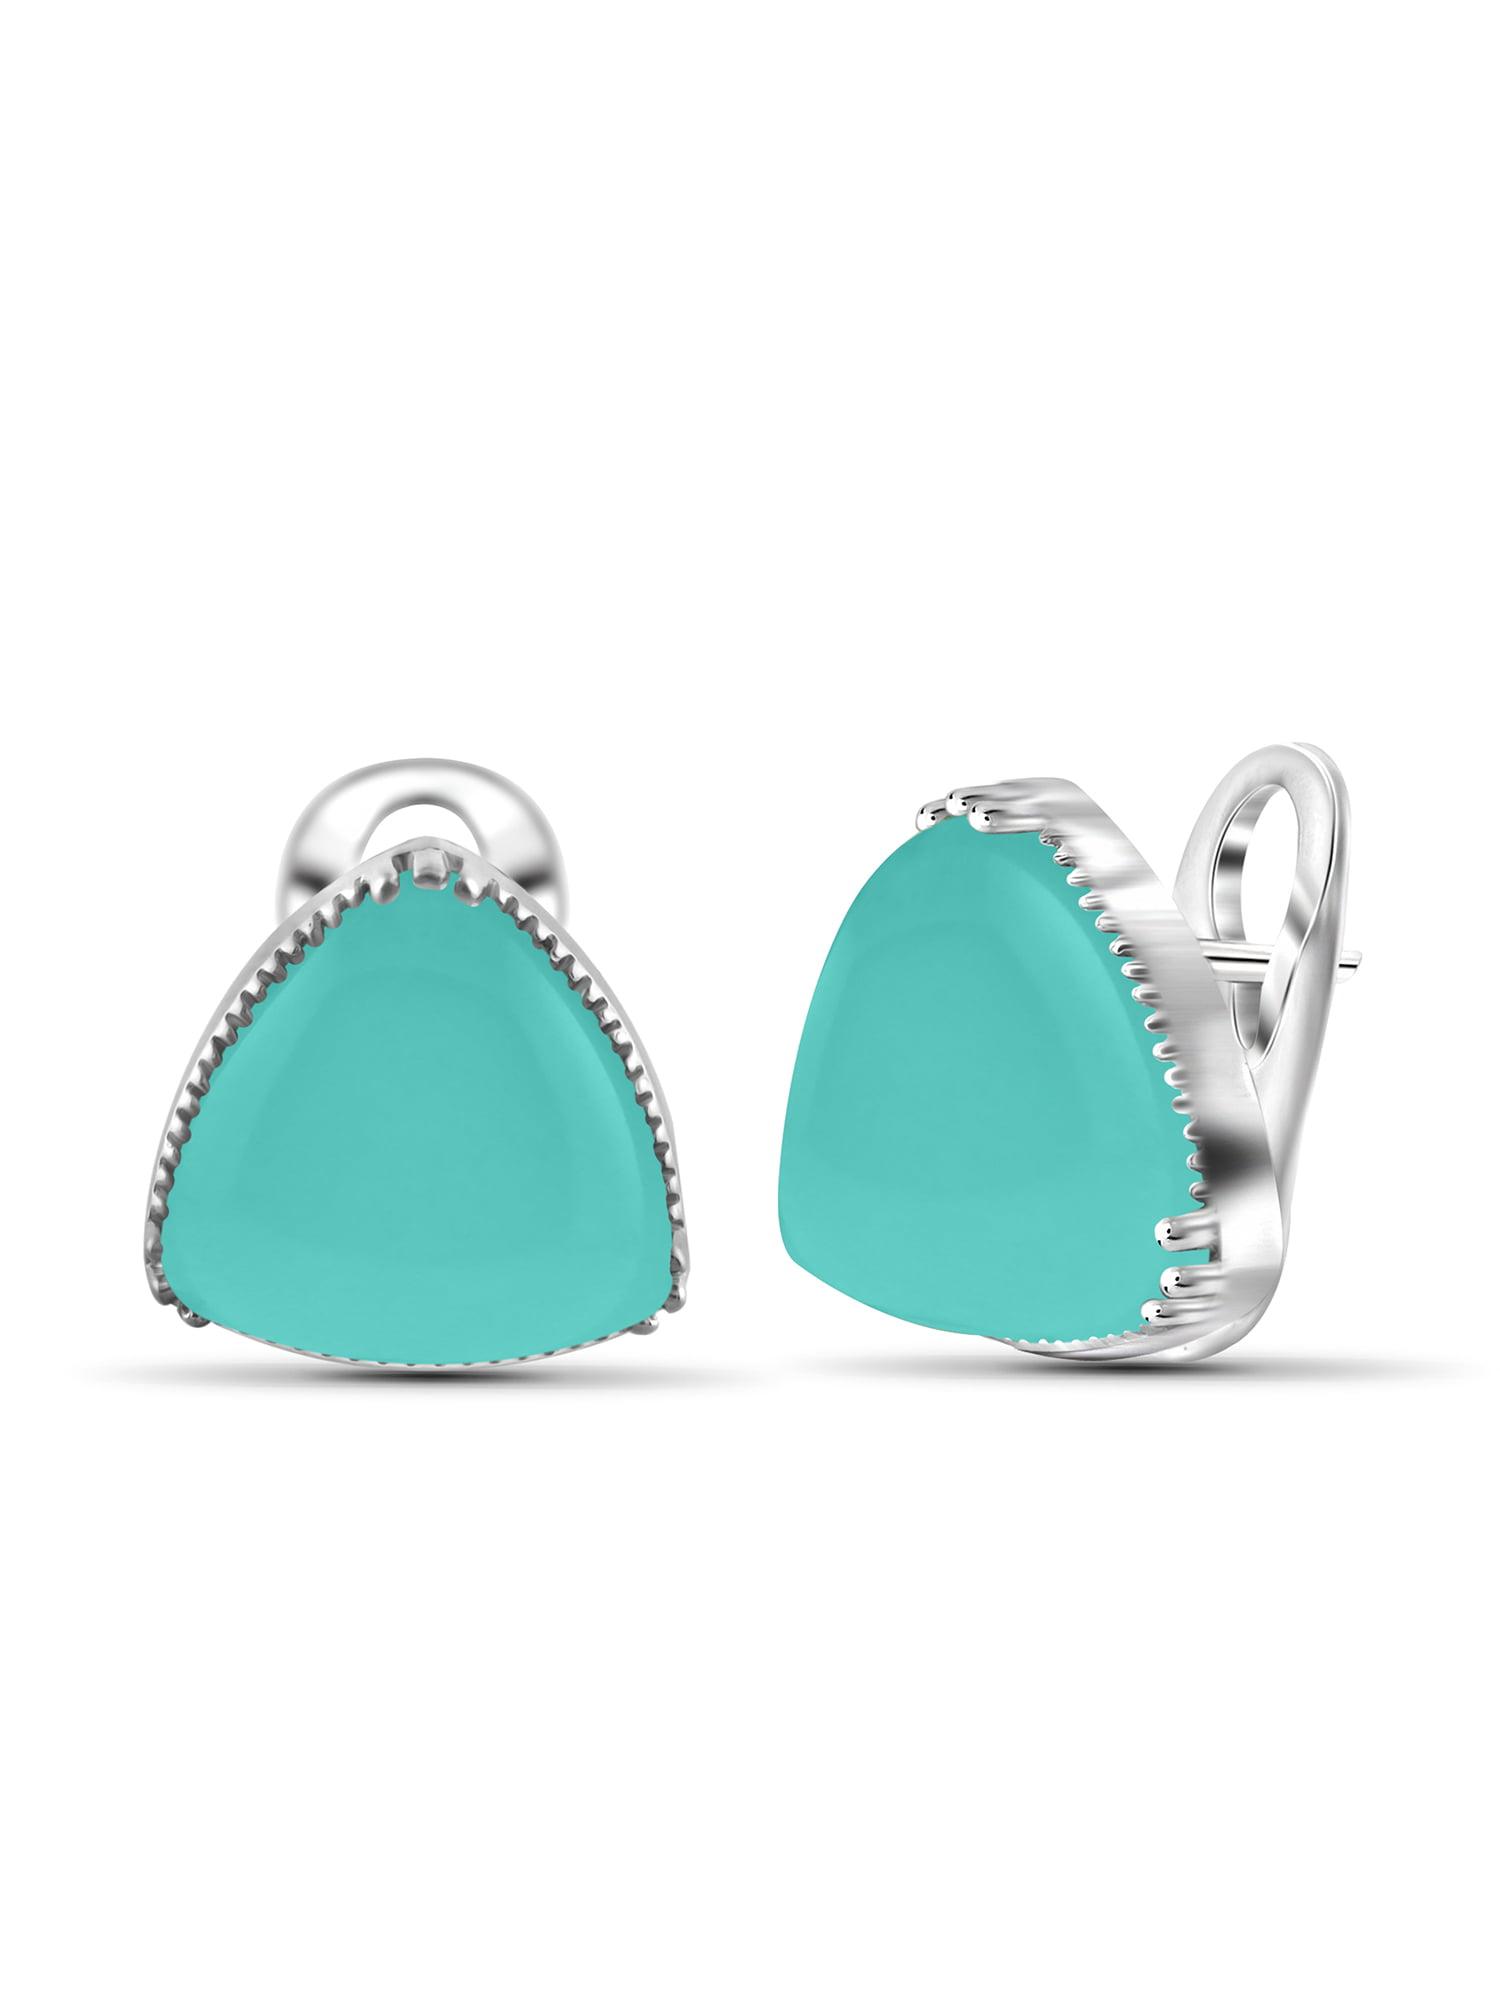 JewelersClub 17-1 2 Carat T.G.W. Chalcedony Sterling Silver Stud Earrings by JewelersClub